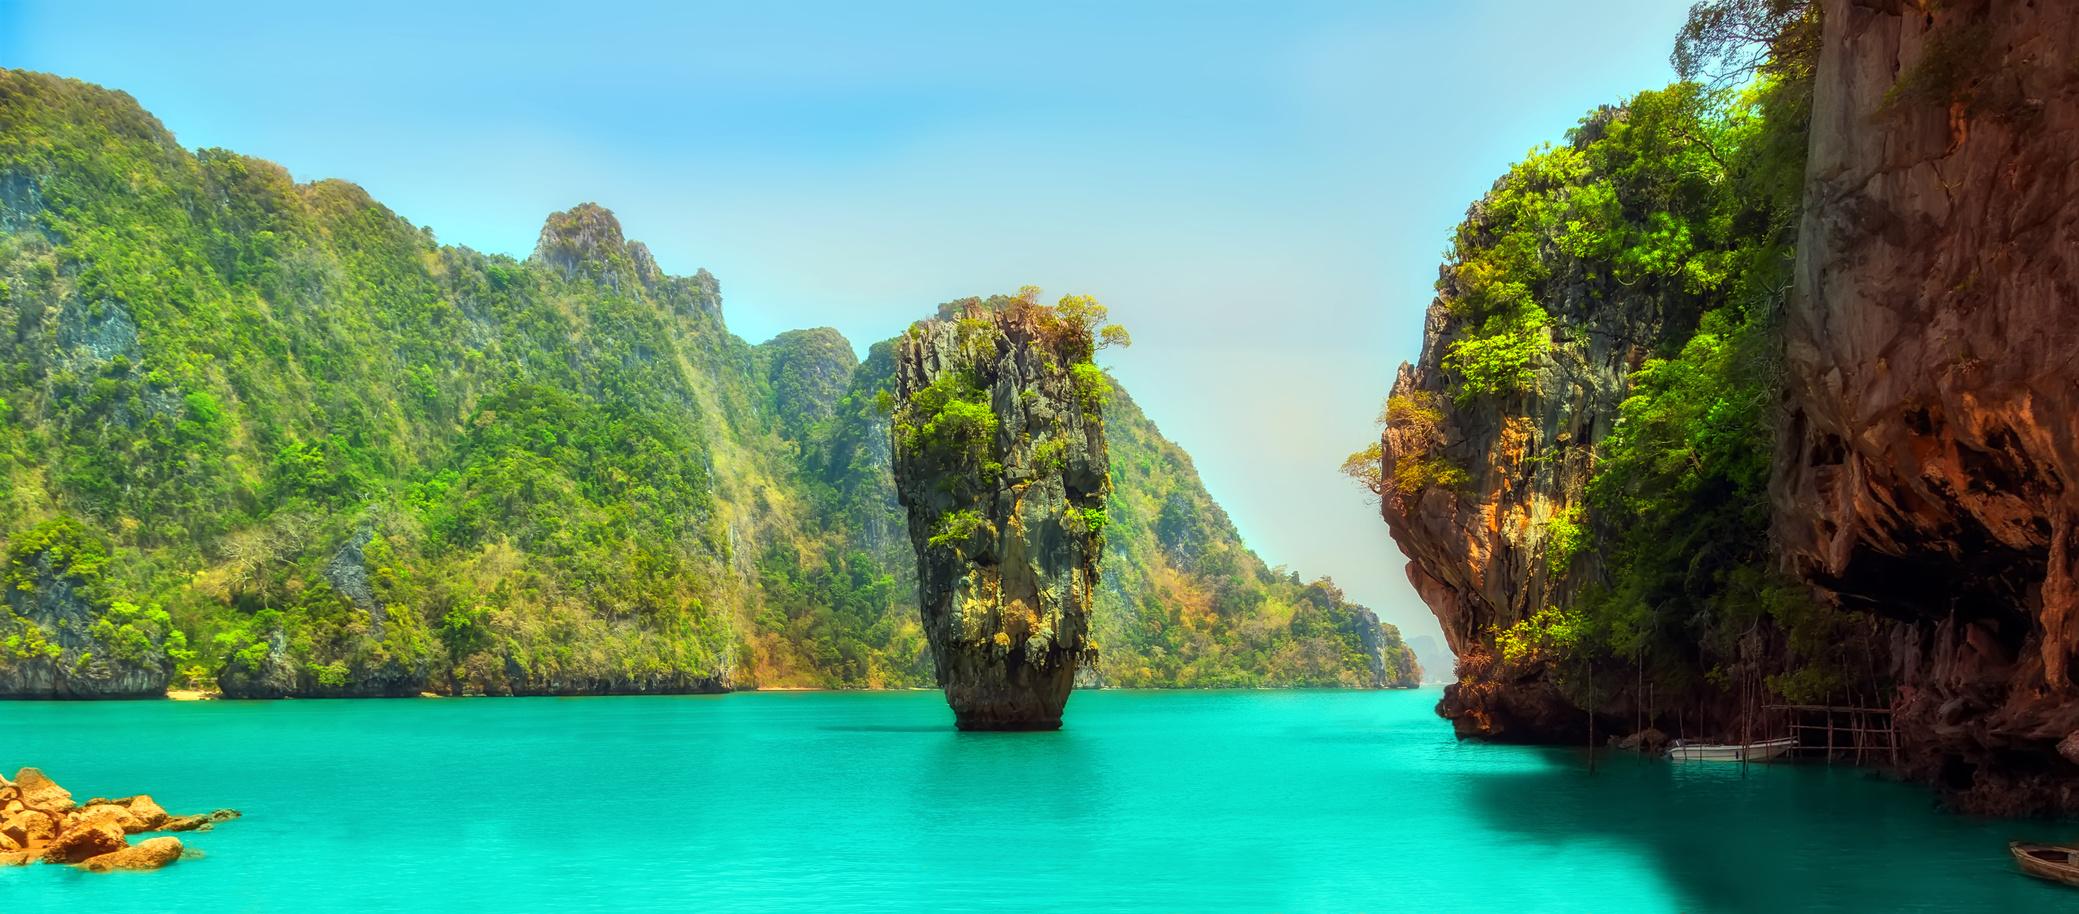 Phi Phi Island James Bond Movie